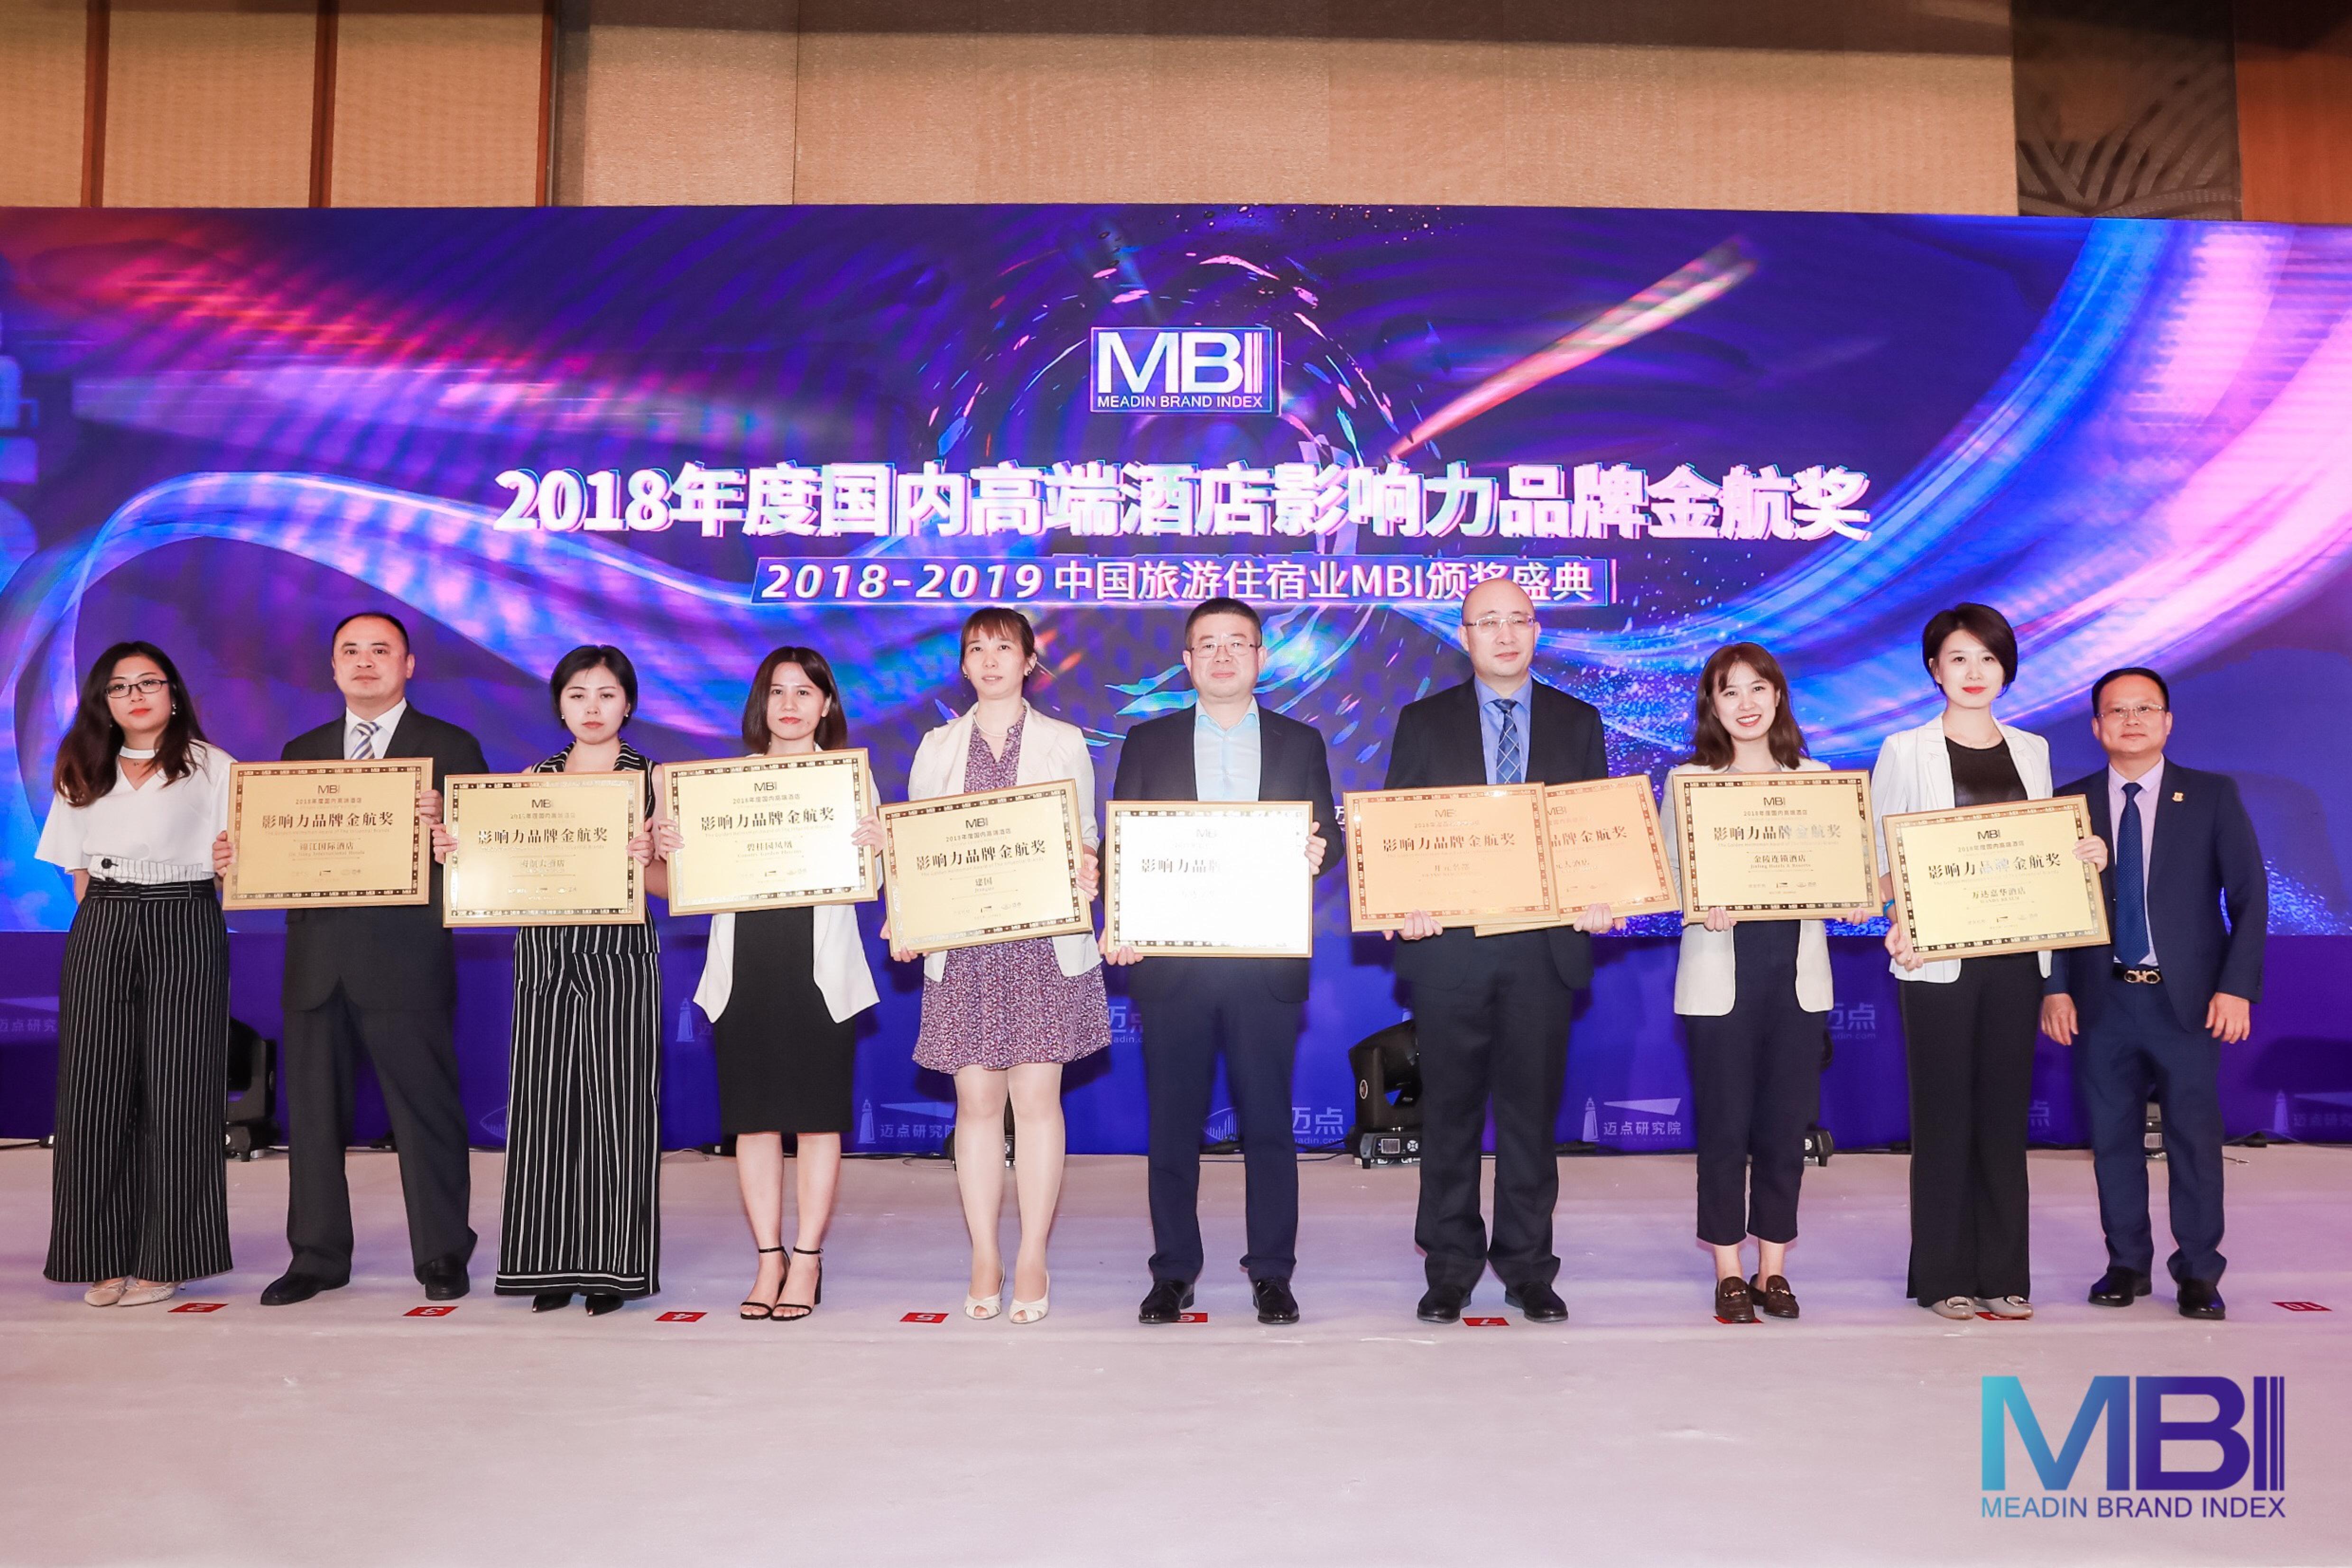 万达文华、嘉华酒店获评国内高端酒店影响力品牌